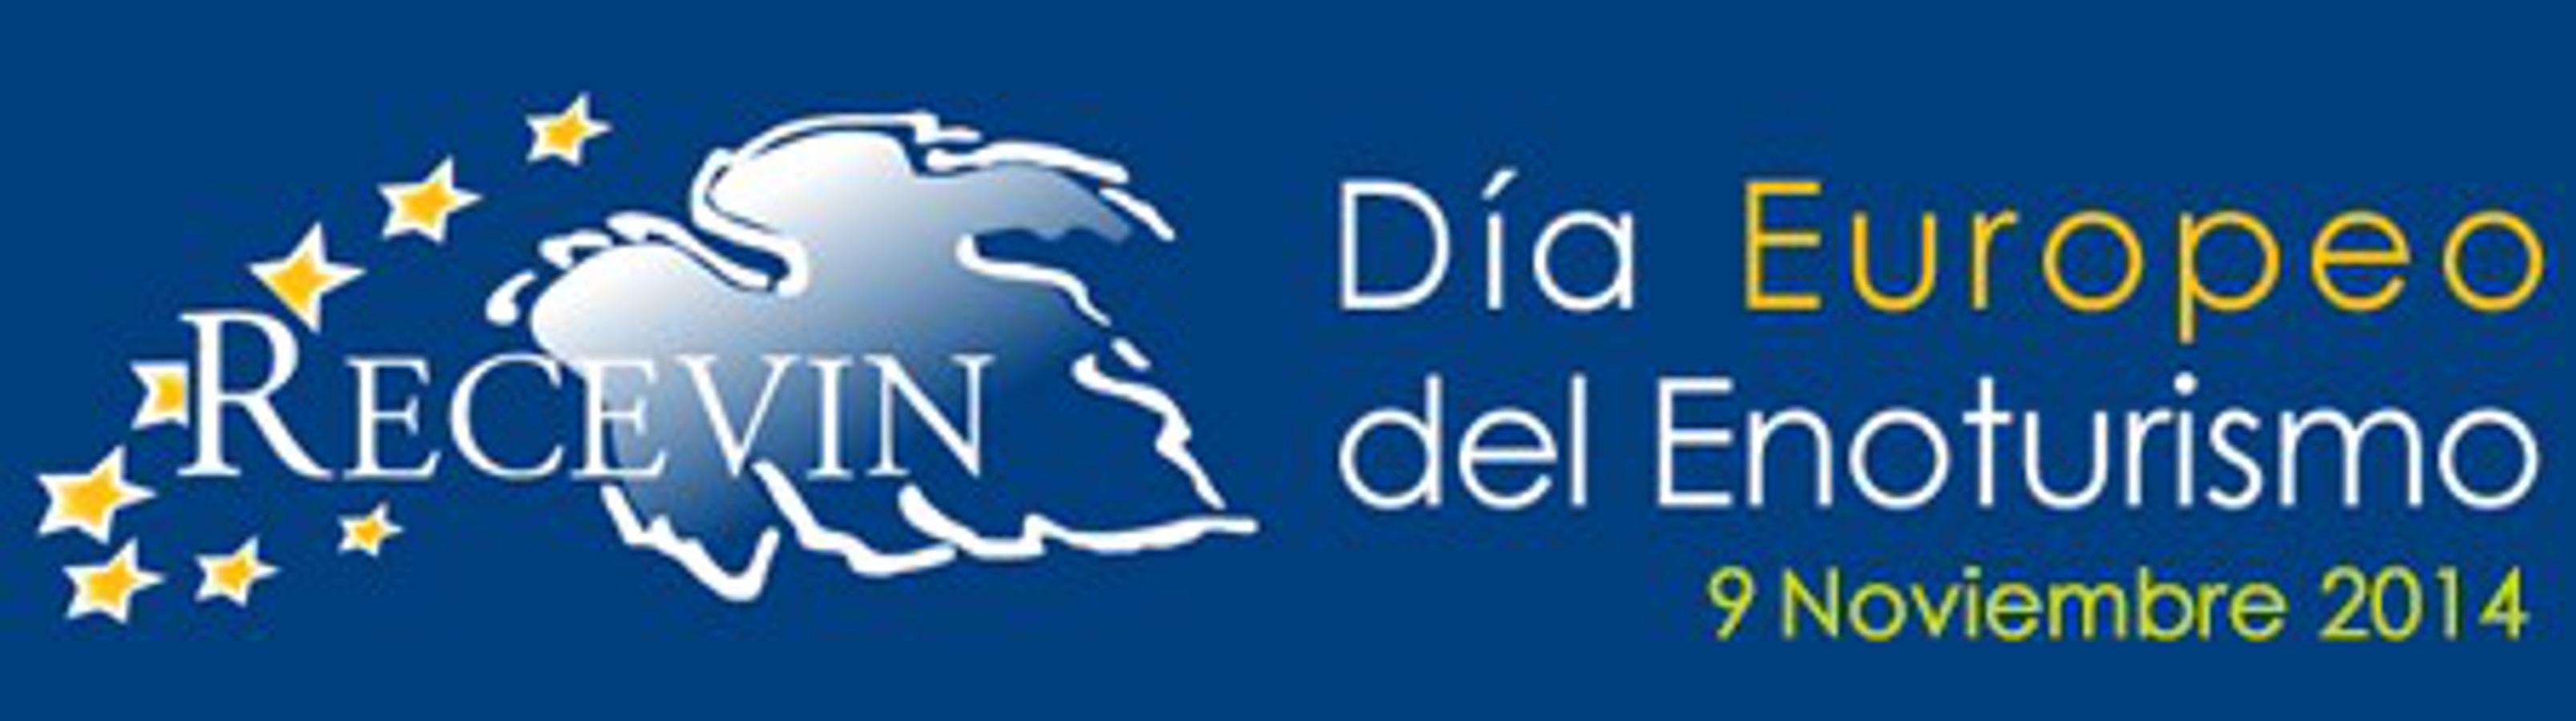 Sesta Edizione della Giornata Europea dell'Enoturismo